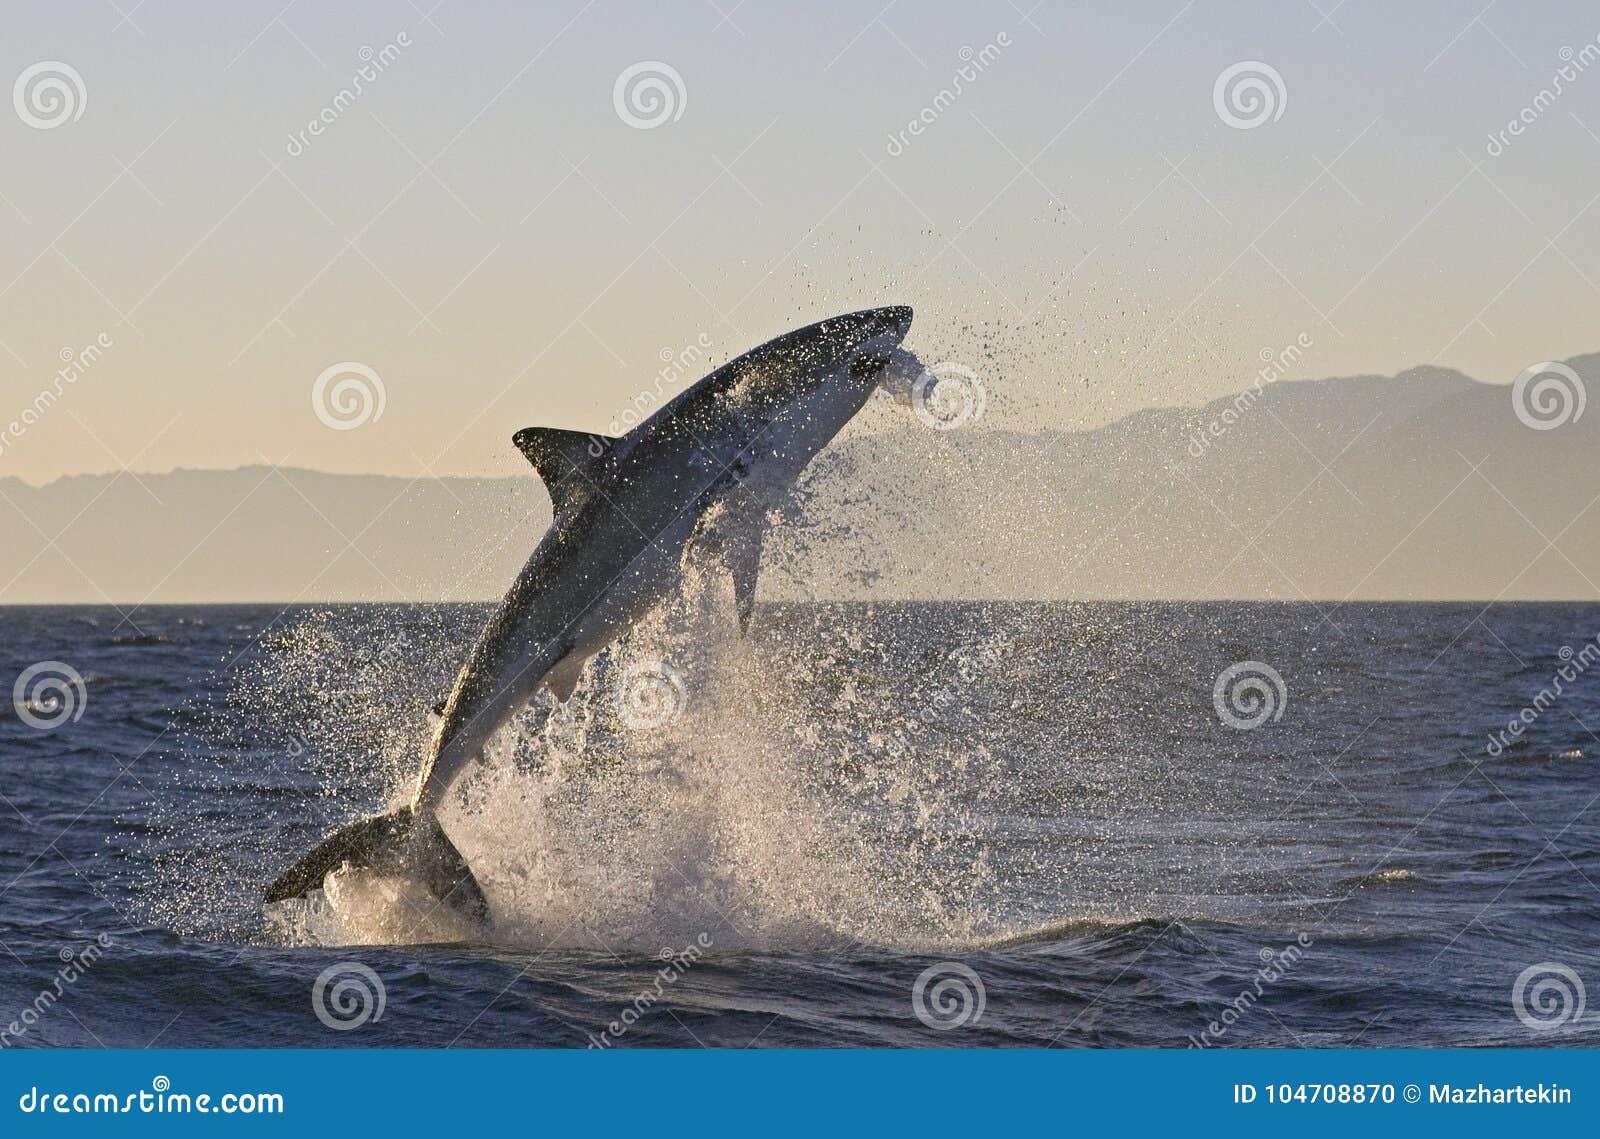 Cape Town, les requins, sauter vivifiant de l eau, semble grand, chacun doit voir cette scène une fois dans votre vie